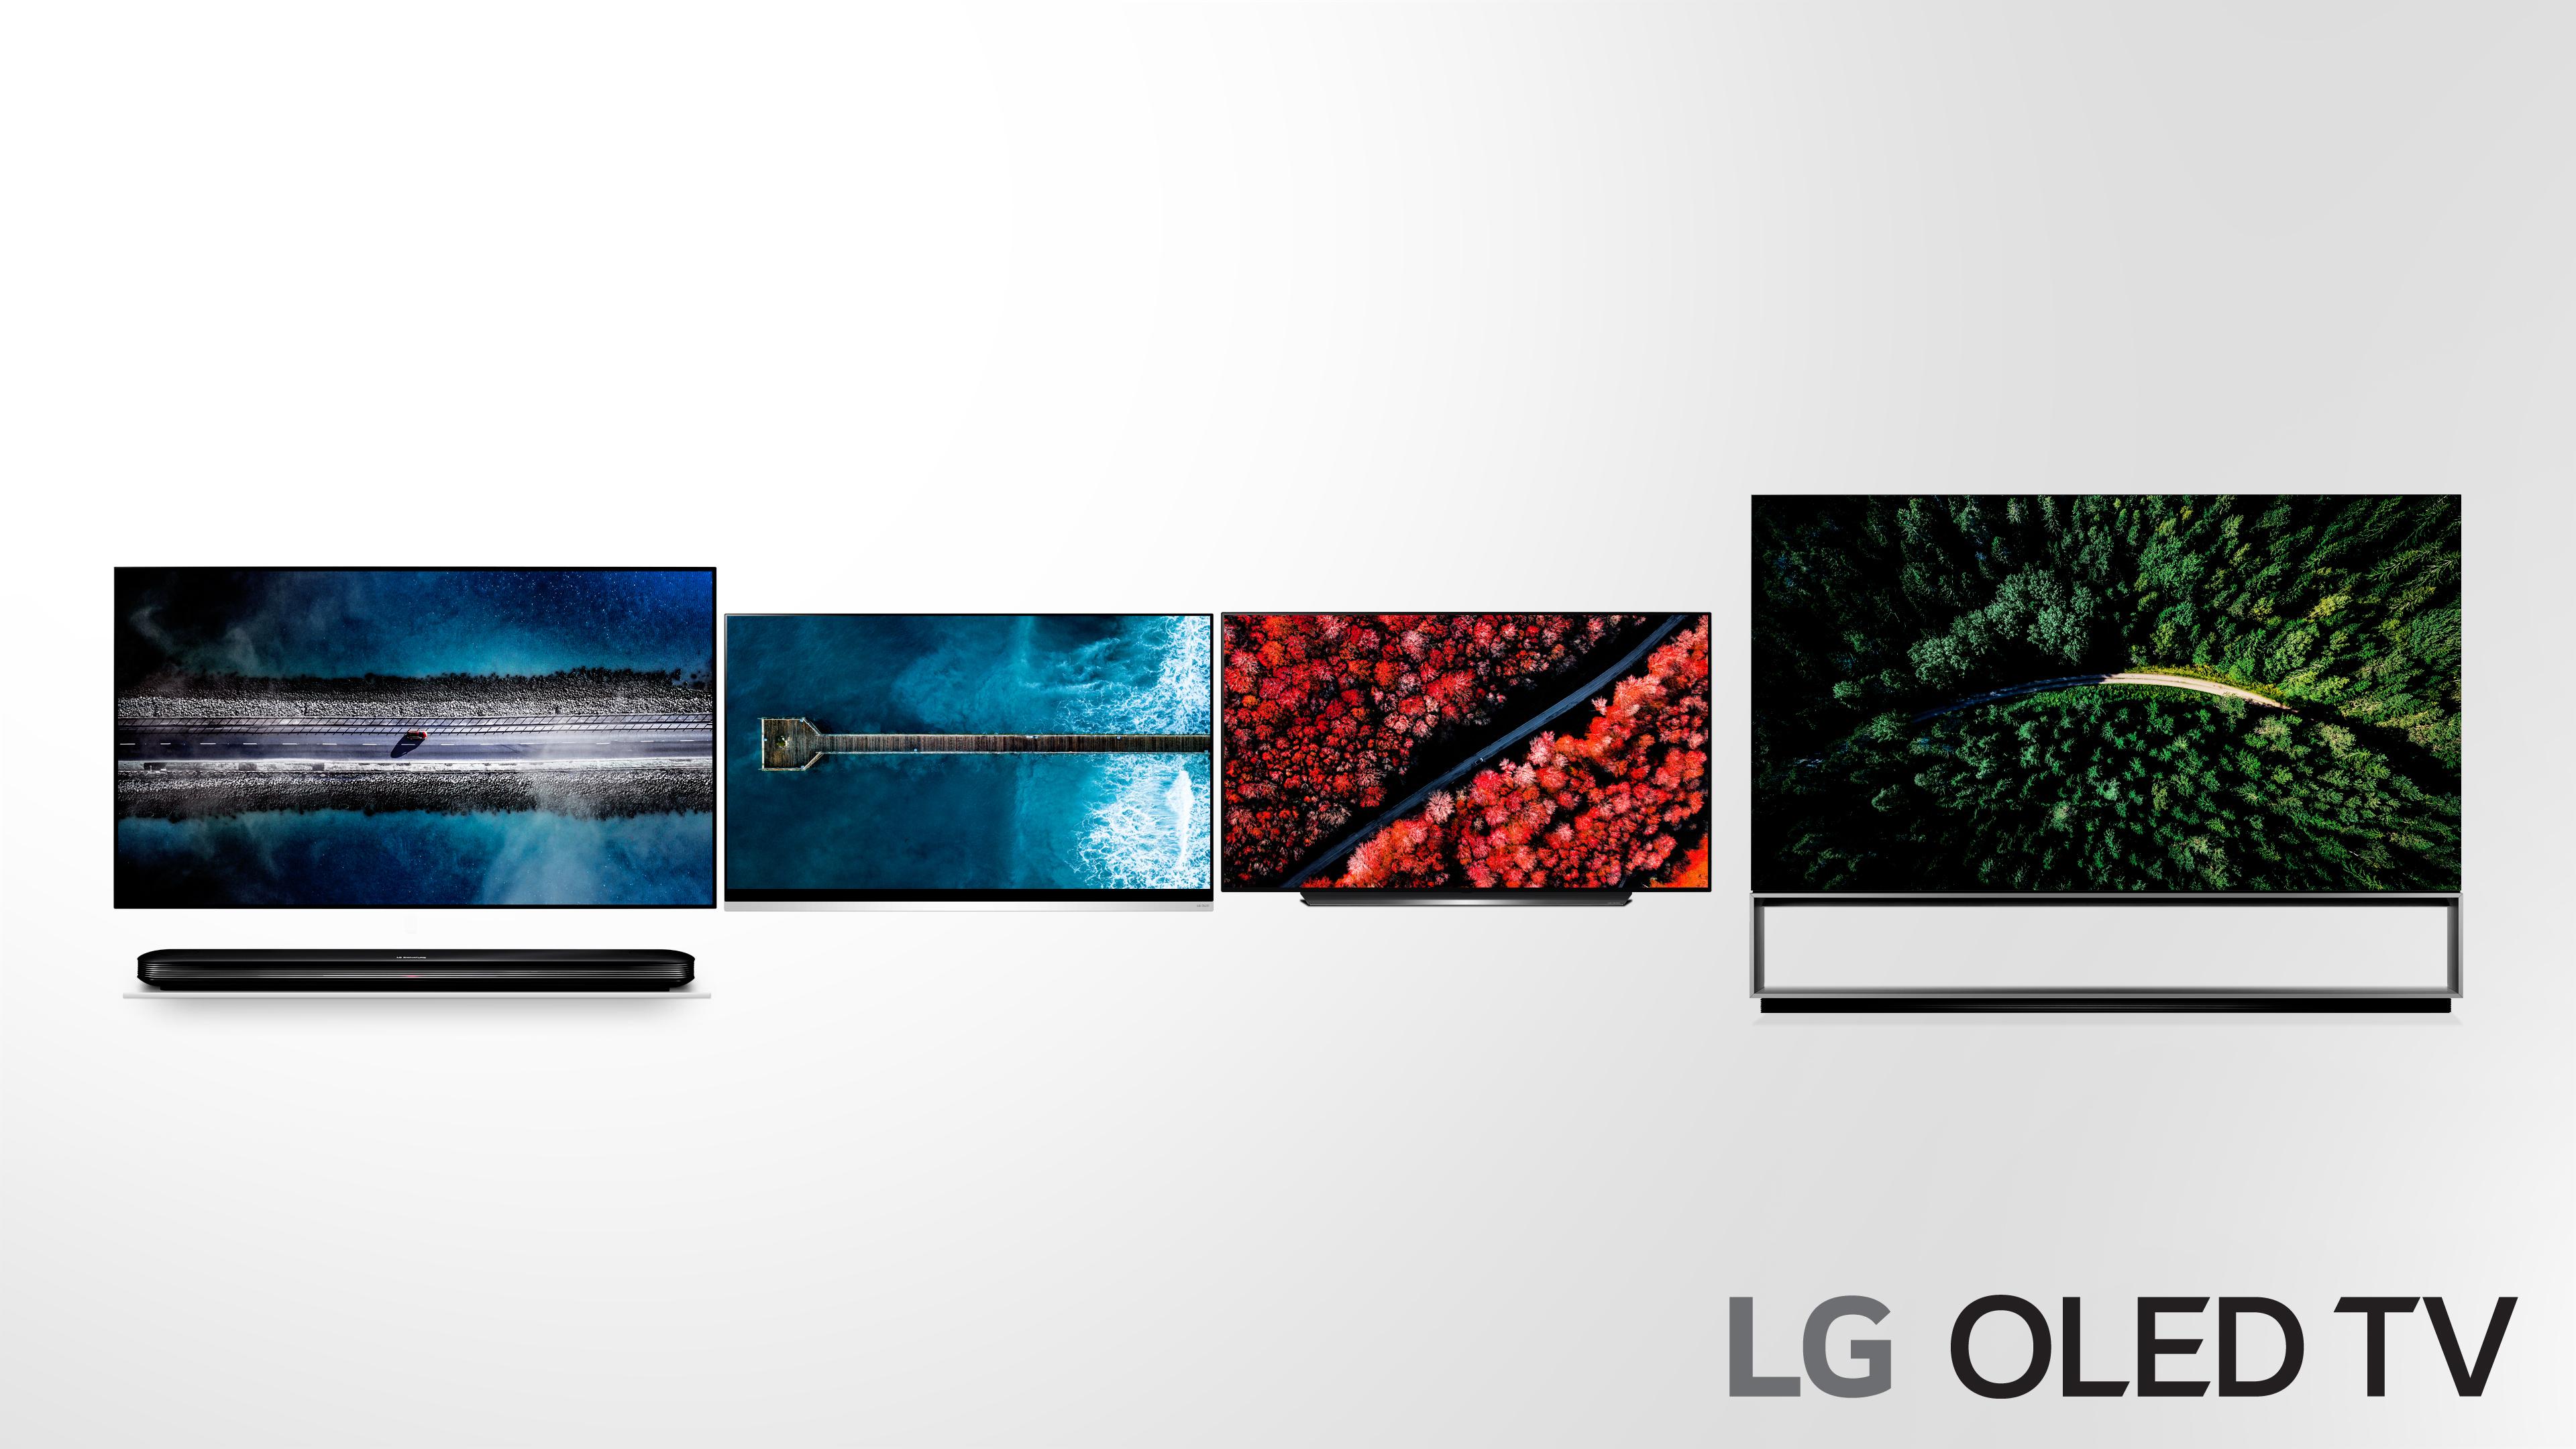 LG 올레드 TV 신제품 주요 모델(왼쪽부터 W9, E9, C9, Z9시리즈 순임)